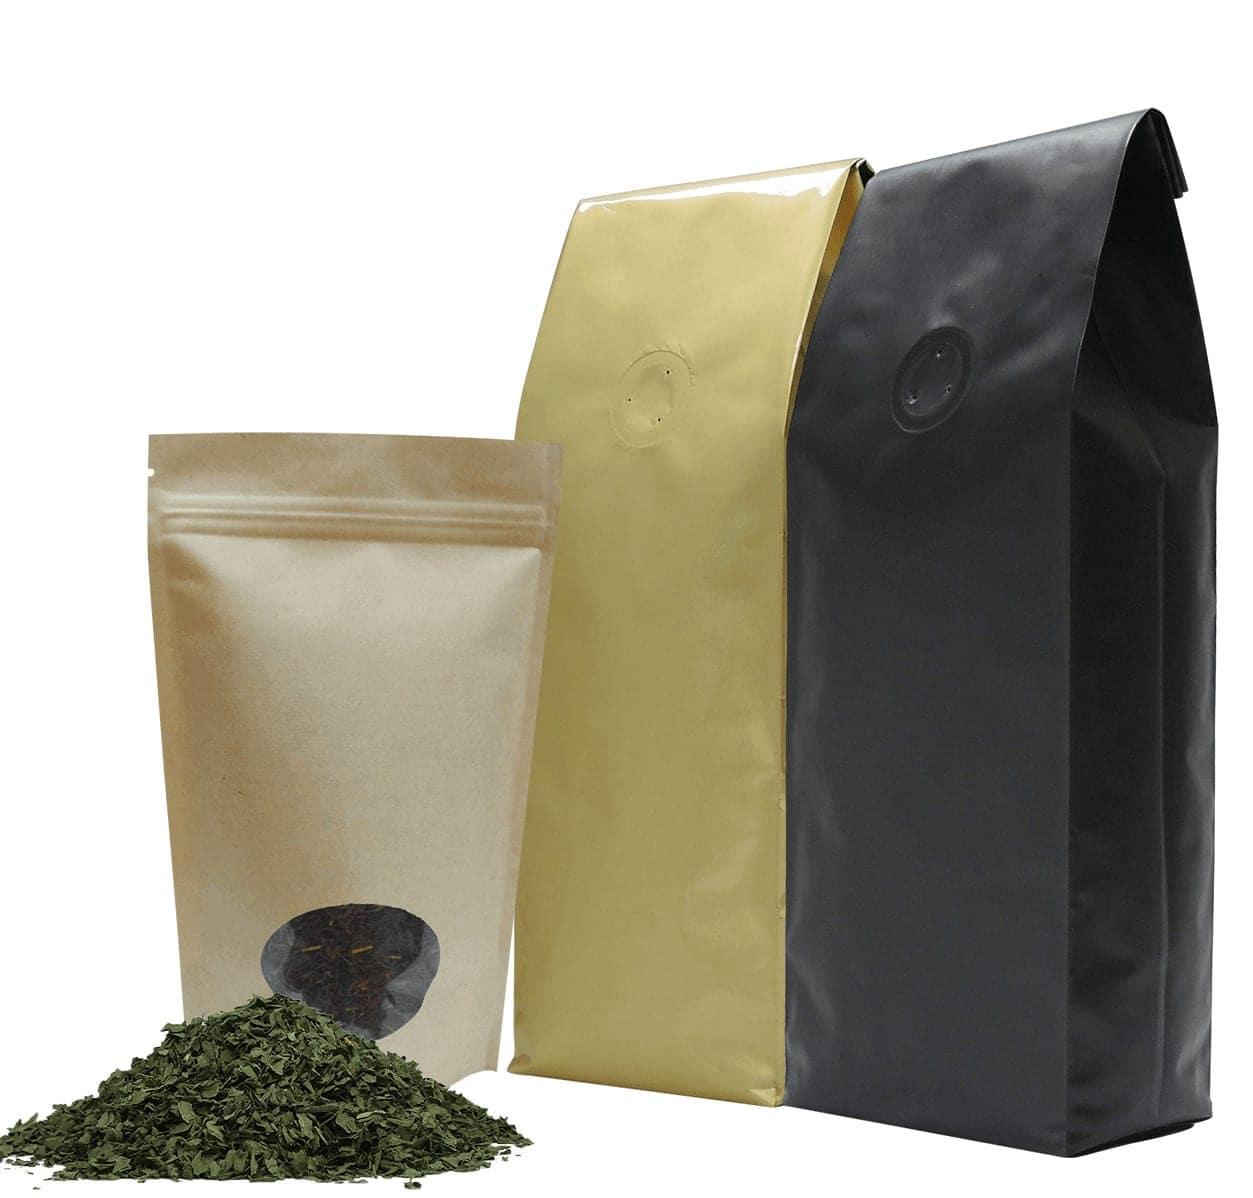 bags for tea, tea packaging